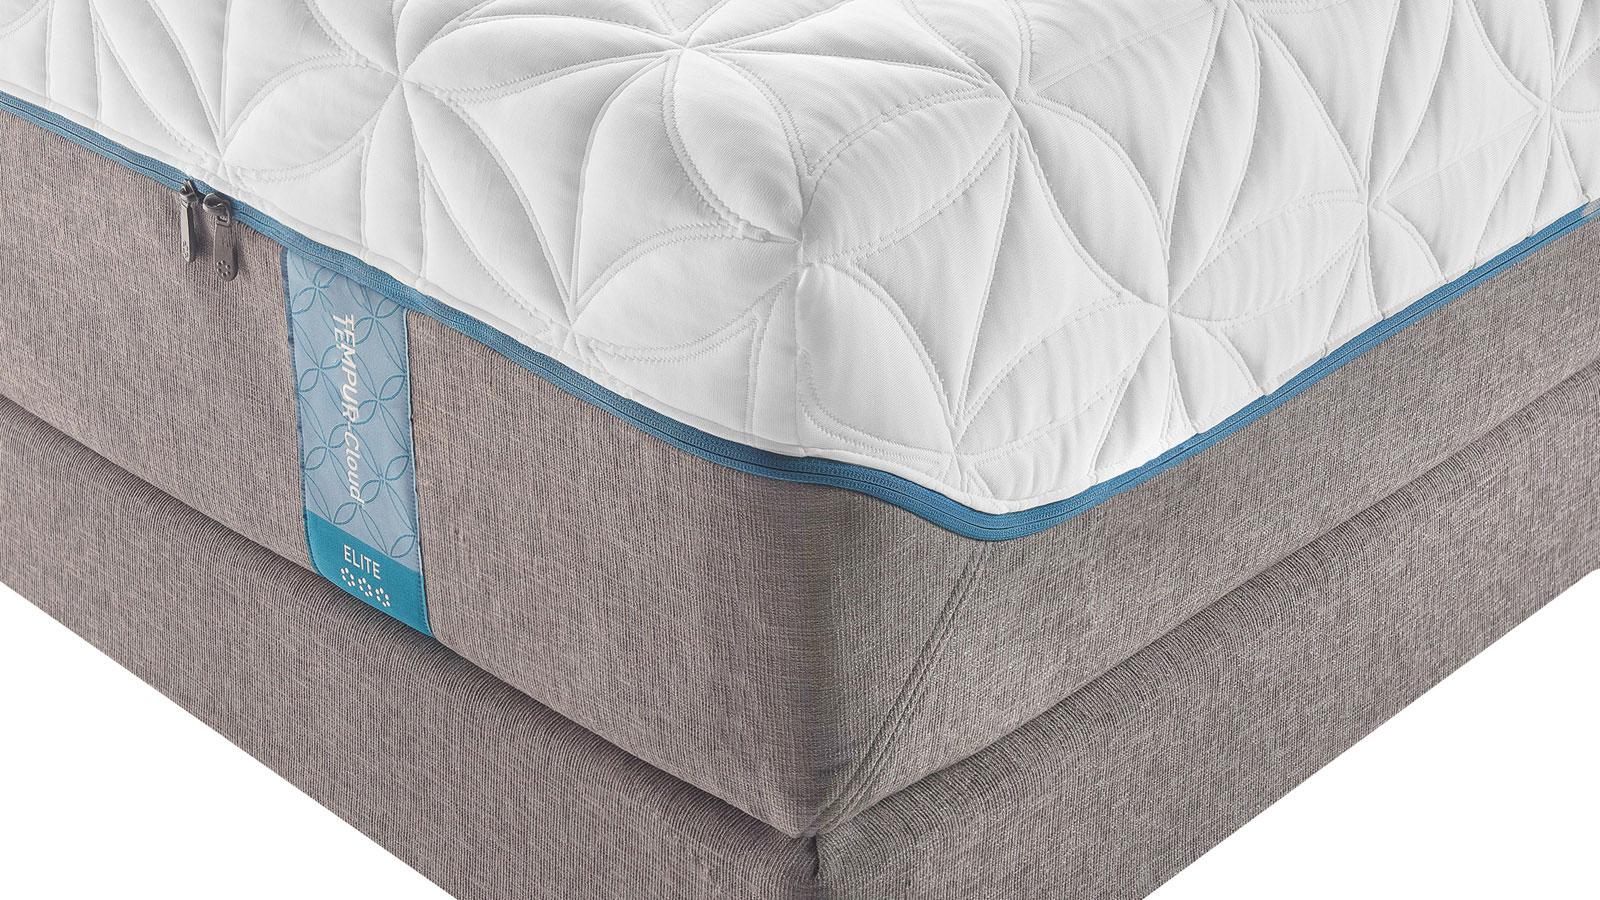 Full Size TEMPUR-Pedic Cloud Elite Extra Soft Mattress, , hi-res